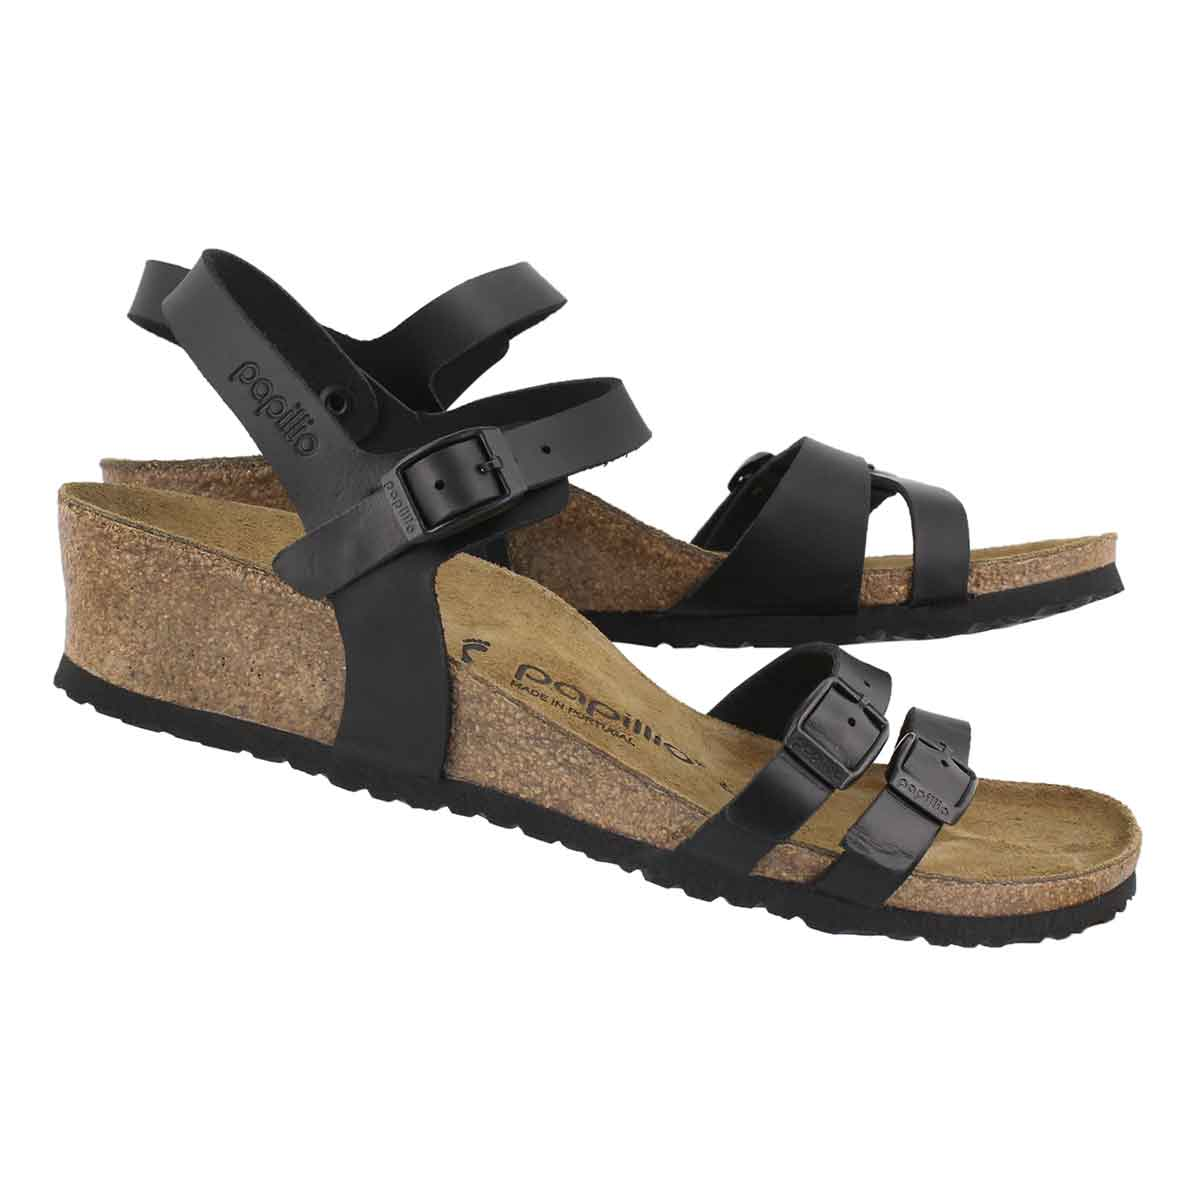 Lds Lana LTR black wedge sandal-N